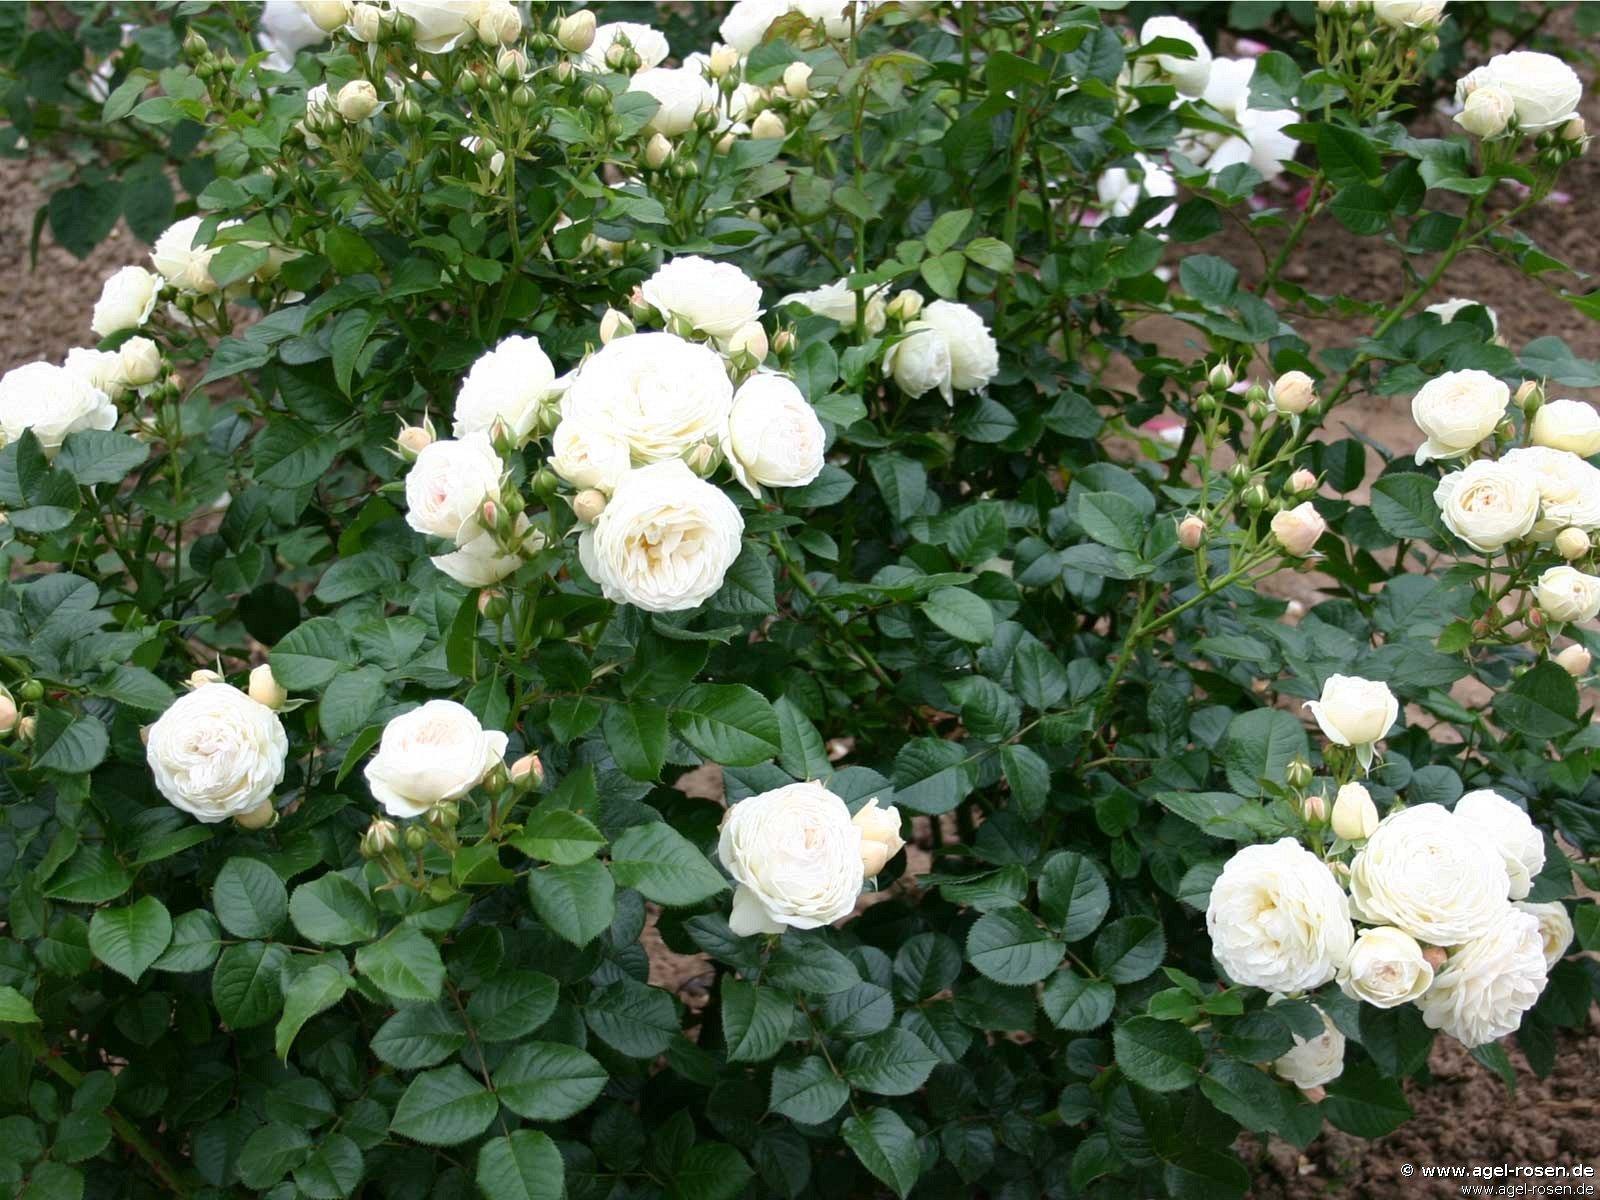 rose artemis online kaufen agel rosen 1 5 liter. Black Bedroom Furniture Sets. Home Design Ideas